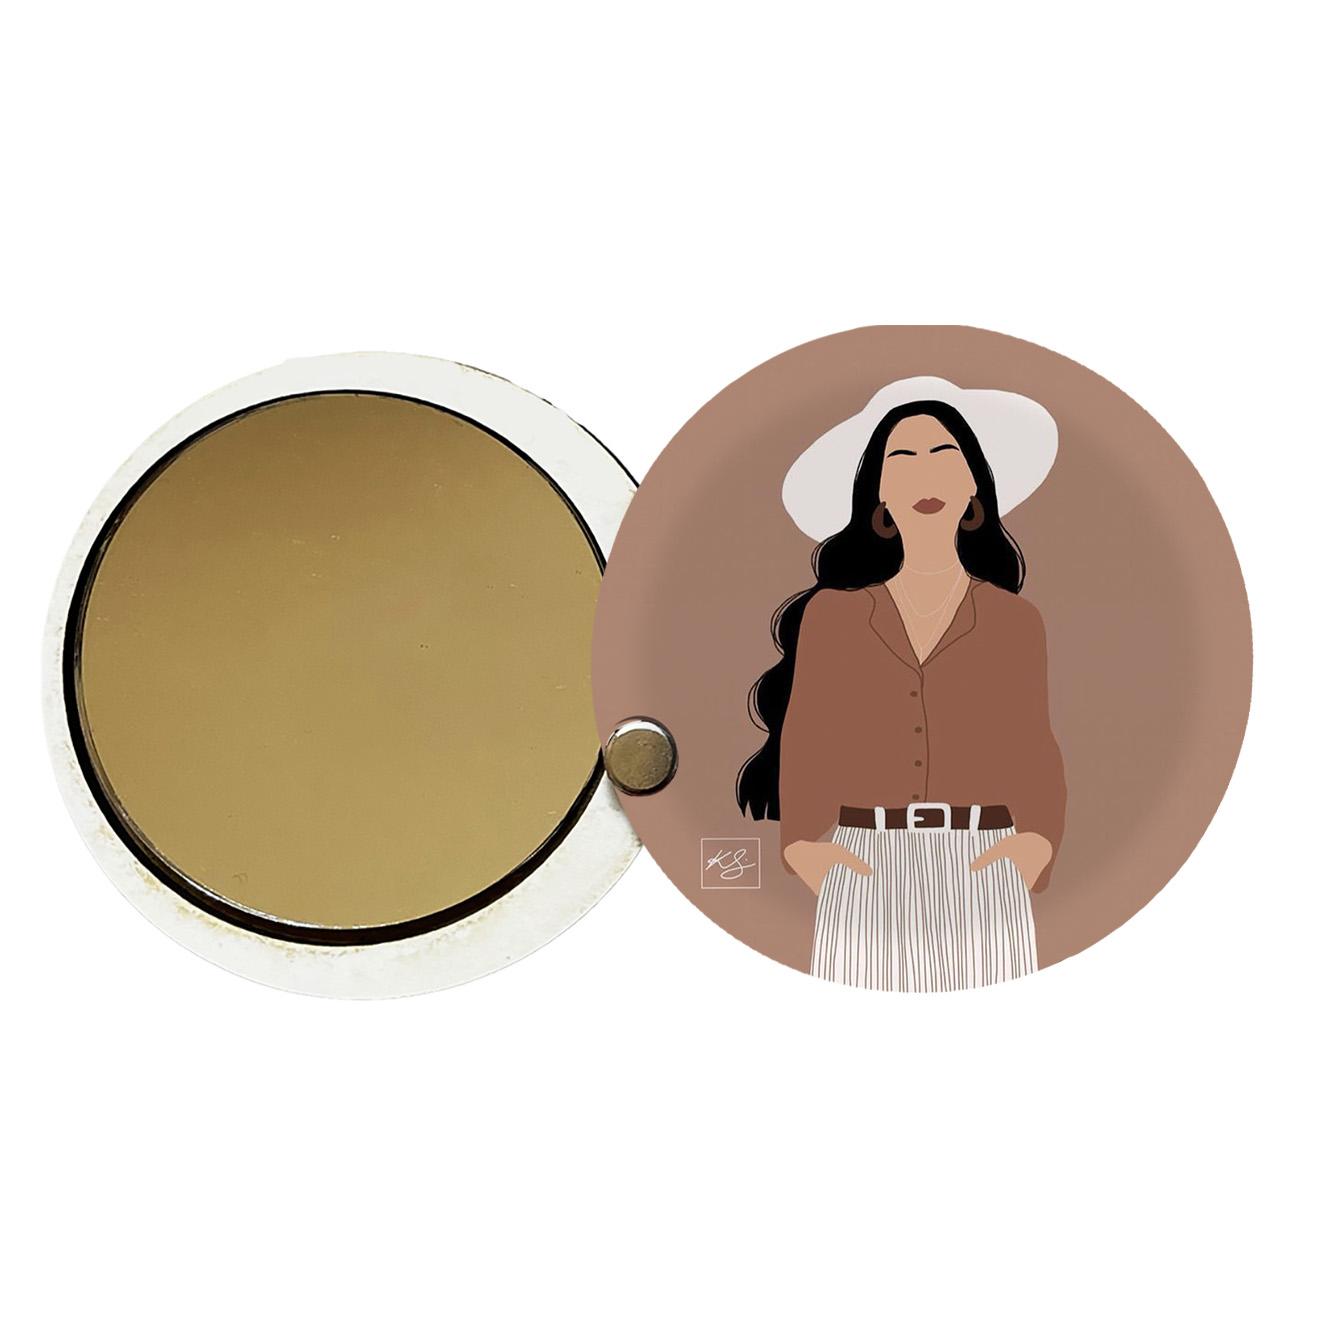 آینه جیبی طرح دخترانه کد ay69